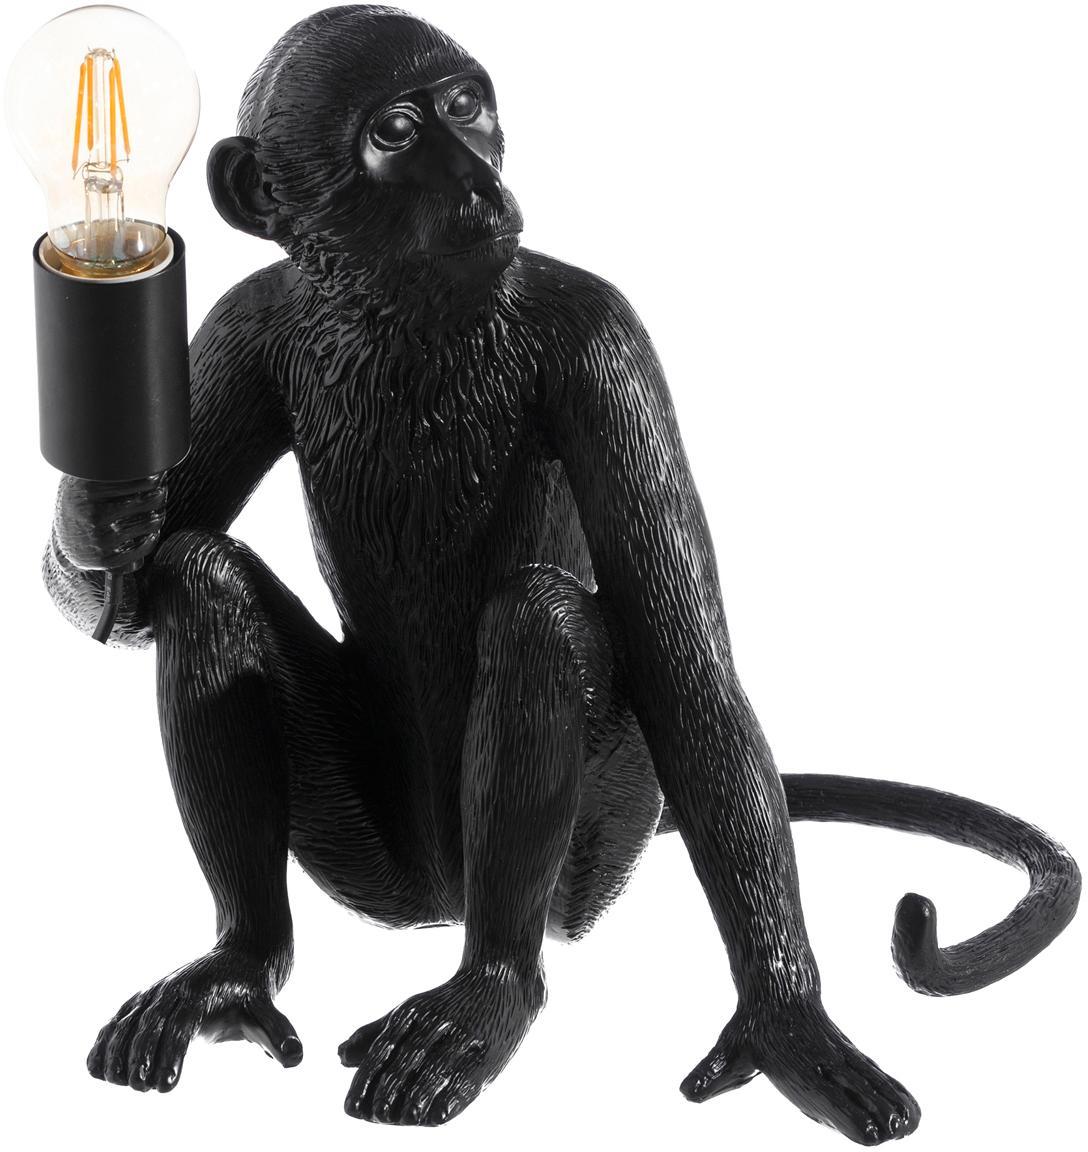 Tafellamp Monkey, Polyresin, Zwart, 31 x 31 cm